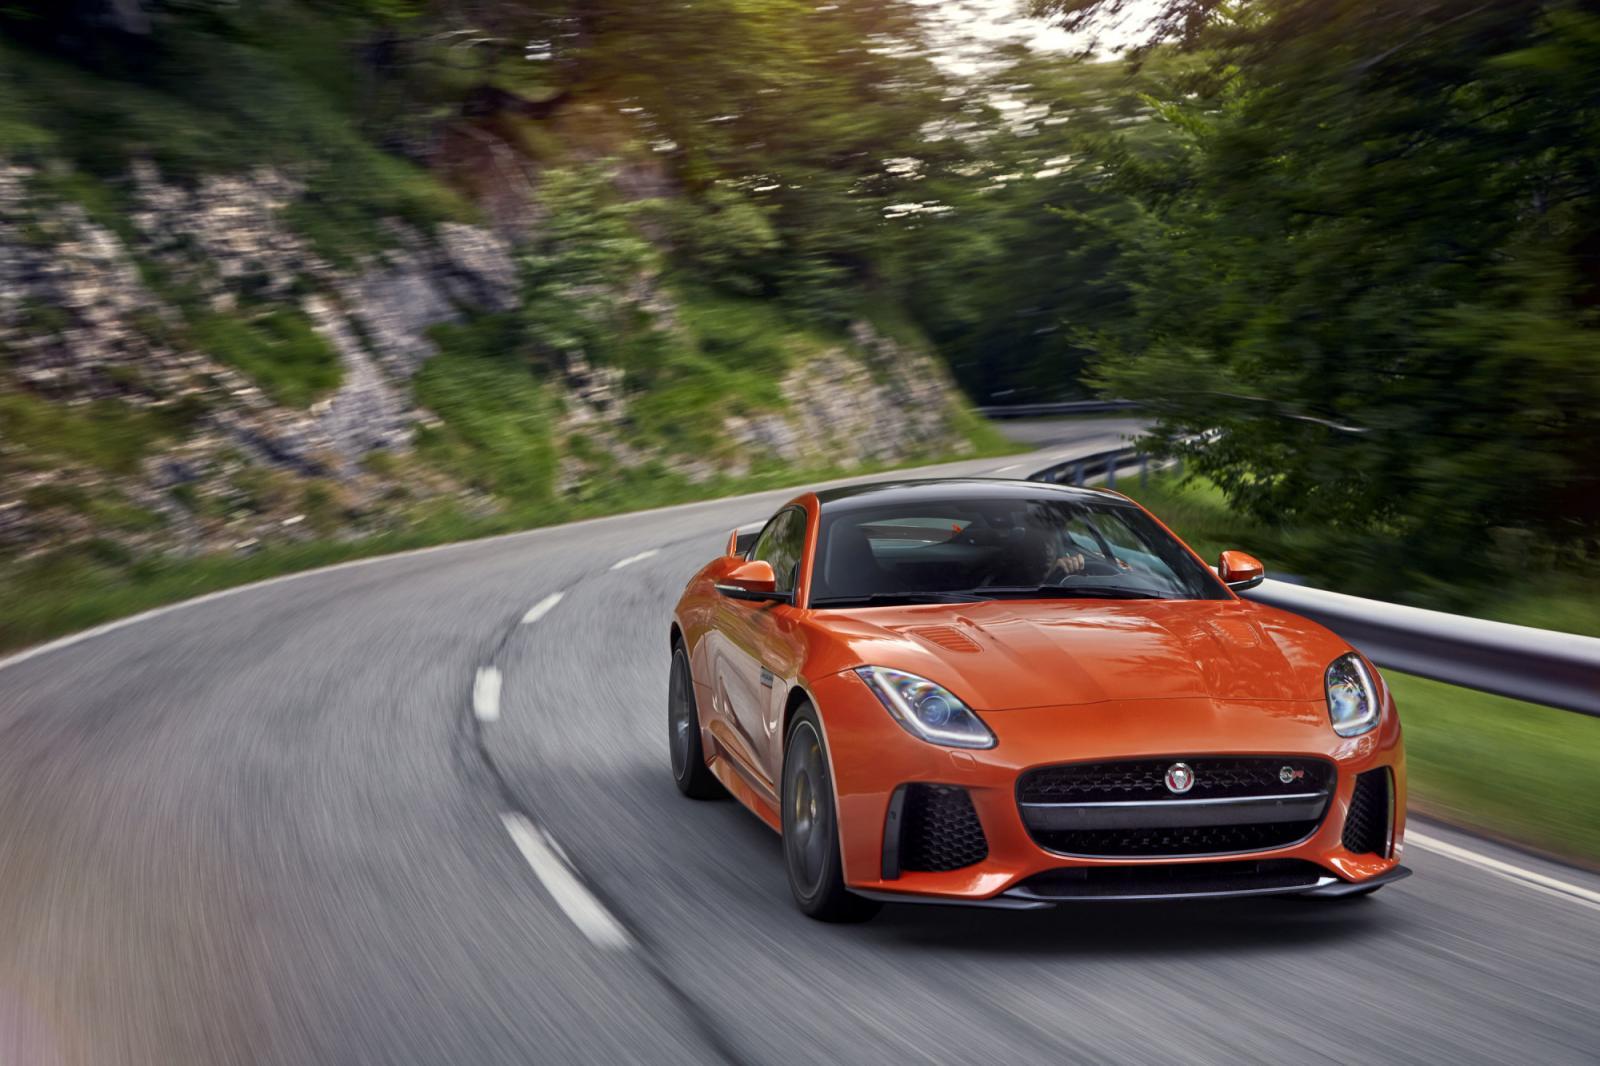 Web_photo_jaguar_f Type_coupe_svr_front. The 2016 Jaguar F Type SVR